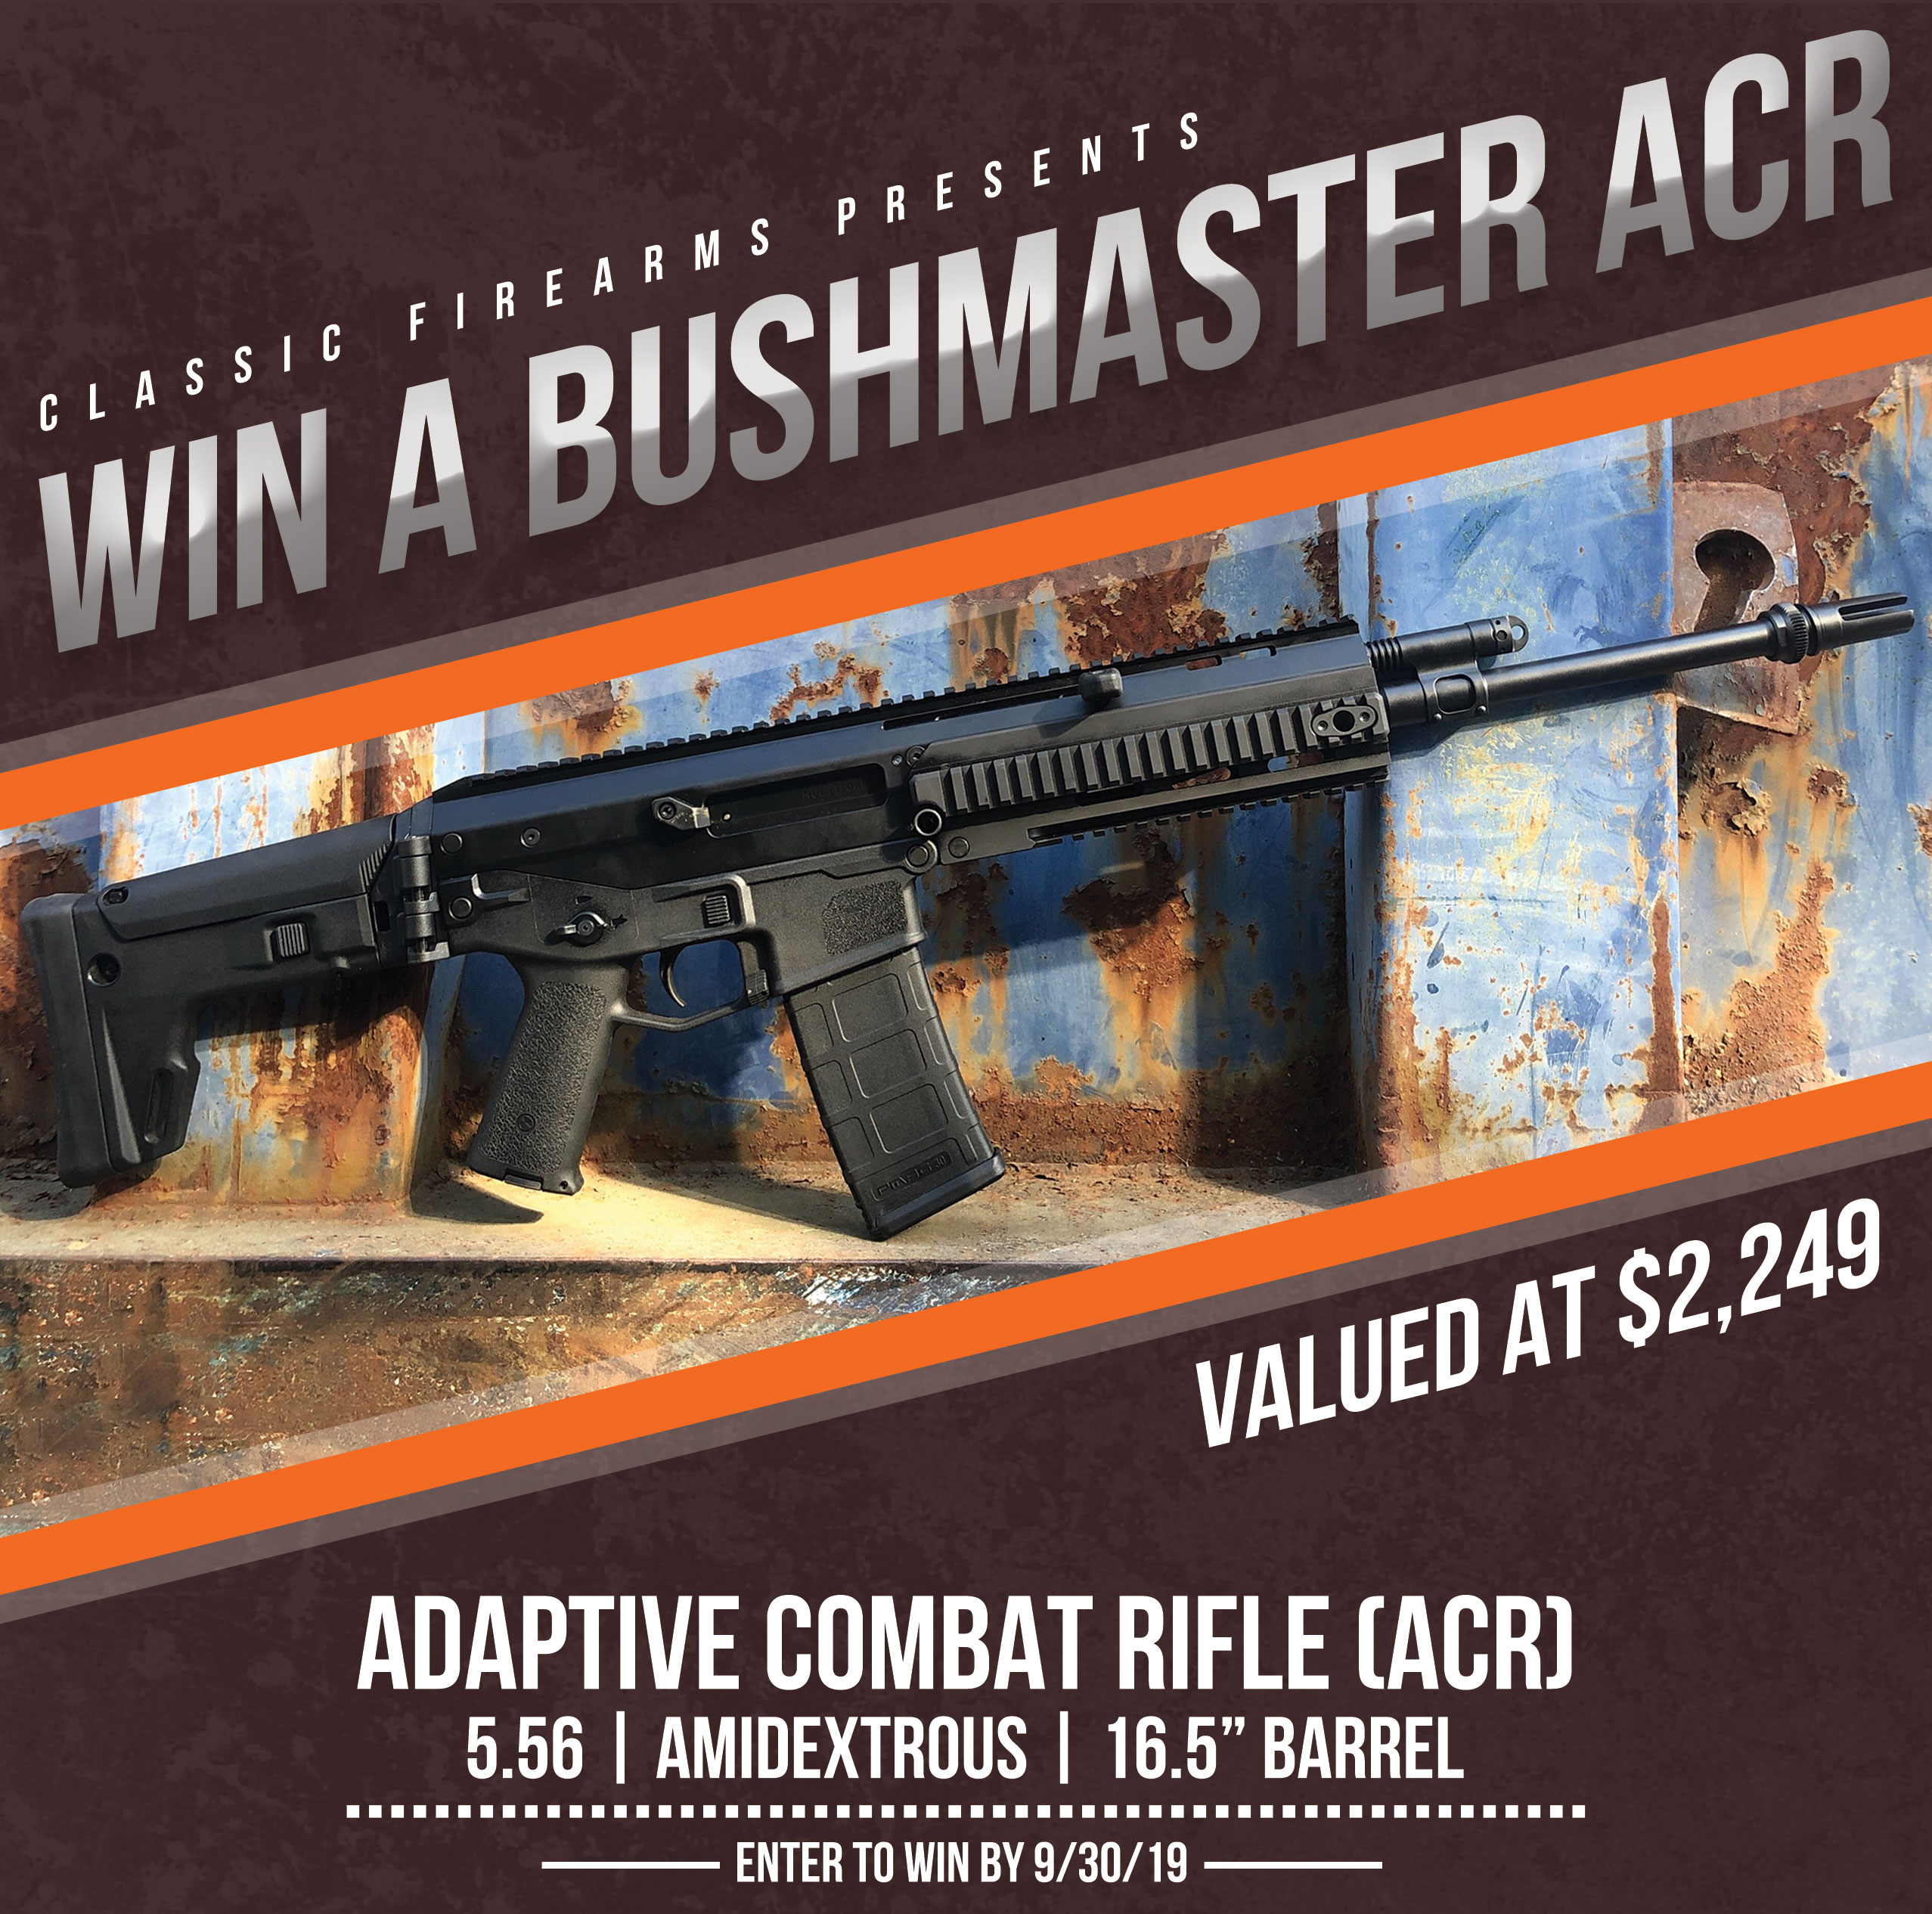 Contest - Win A Bushmaster ACR Rifle